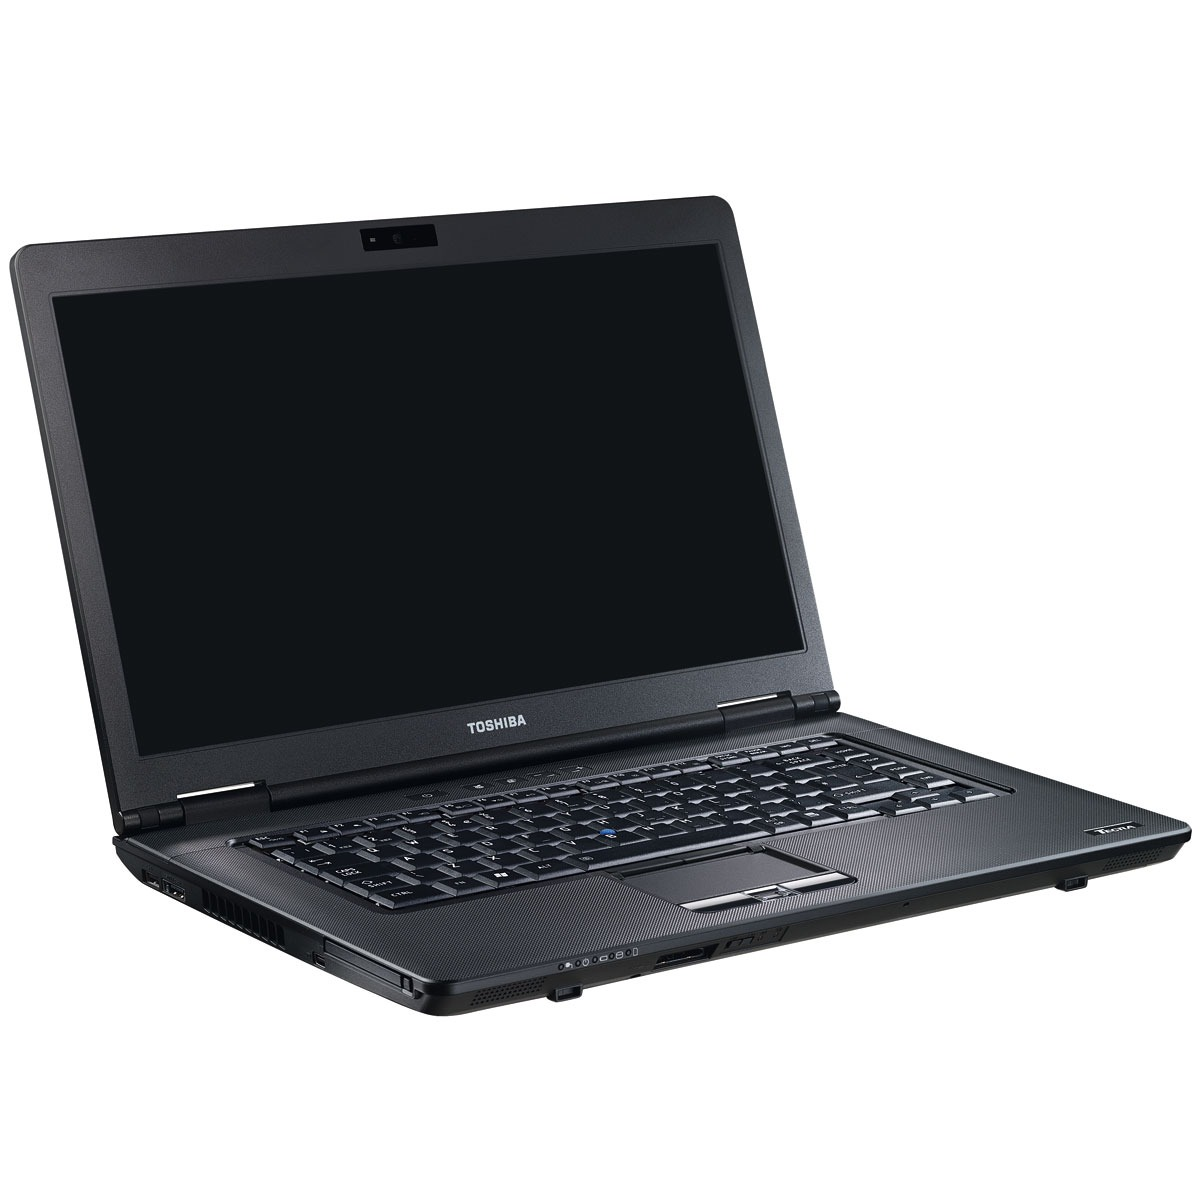 Toshiba Tecra A11 1D1